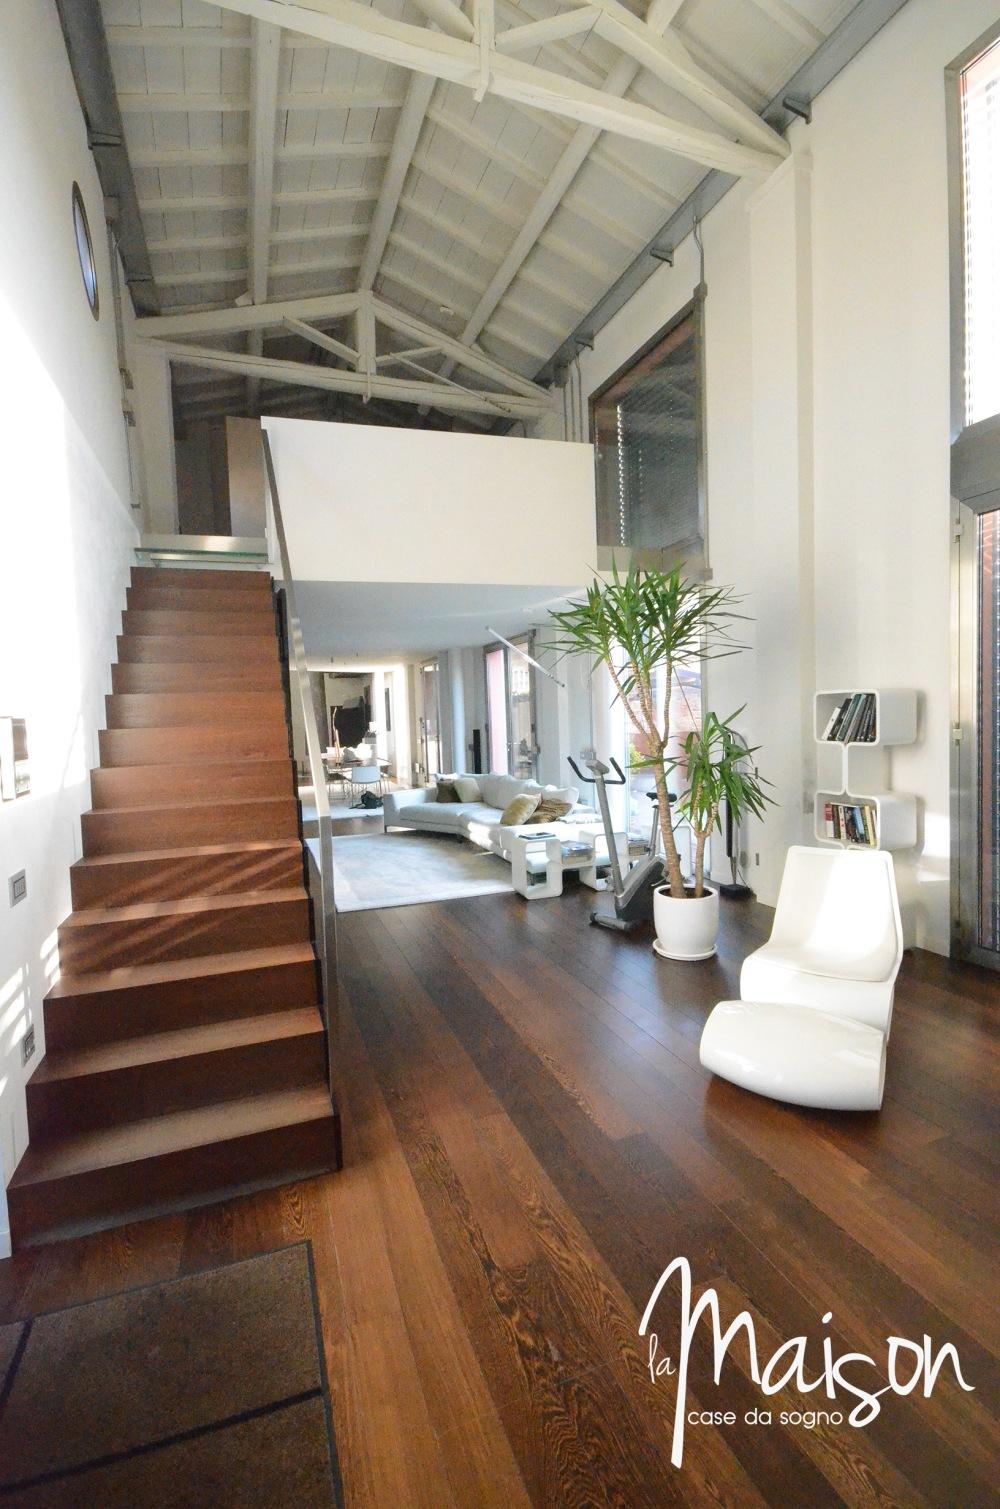 loft in vendita a prato case vendita prato studio immobiliare santa lucia agenzia immobiliare la maison case da sogno prato loft con giardino12.JPG